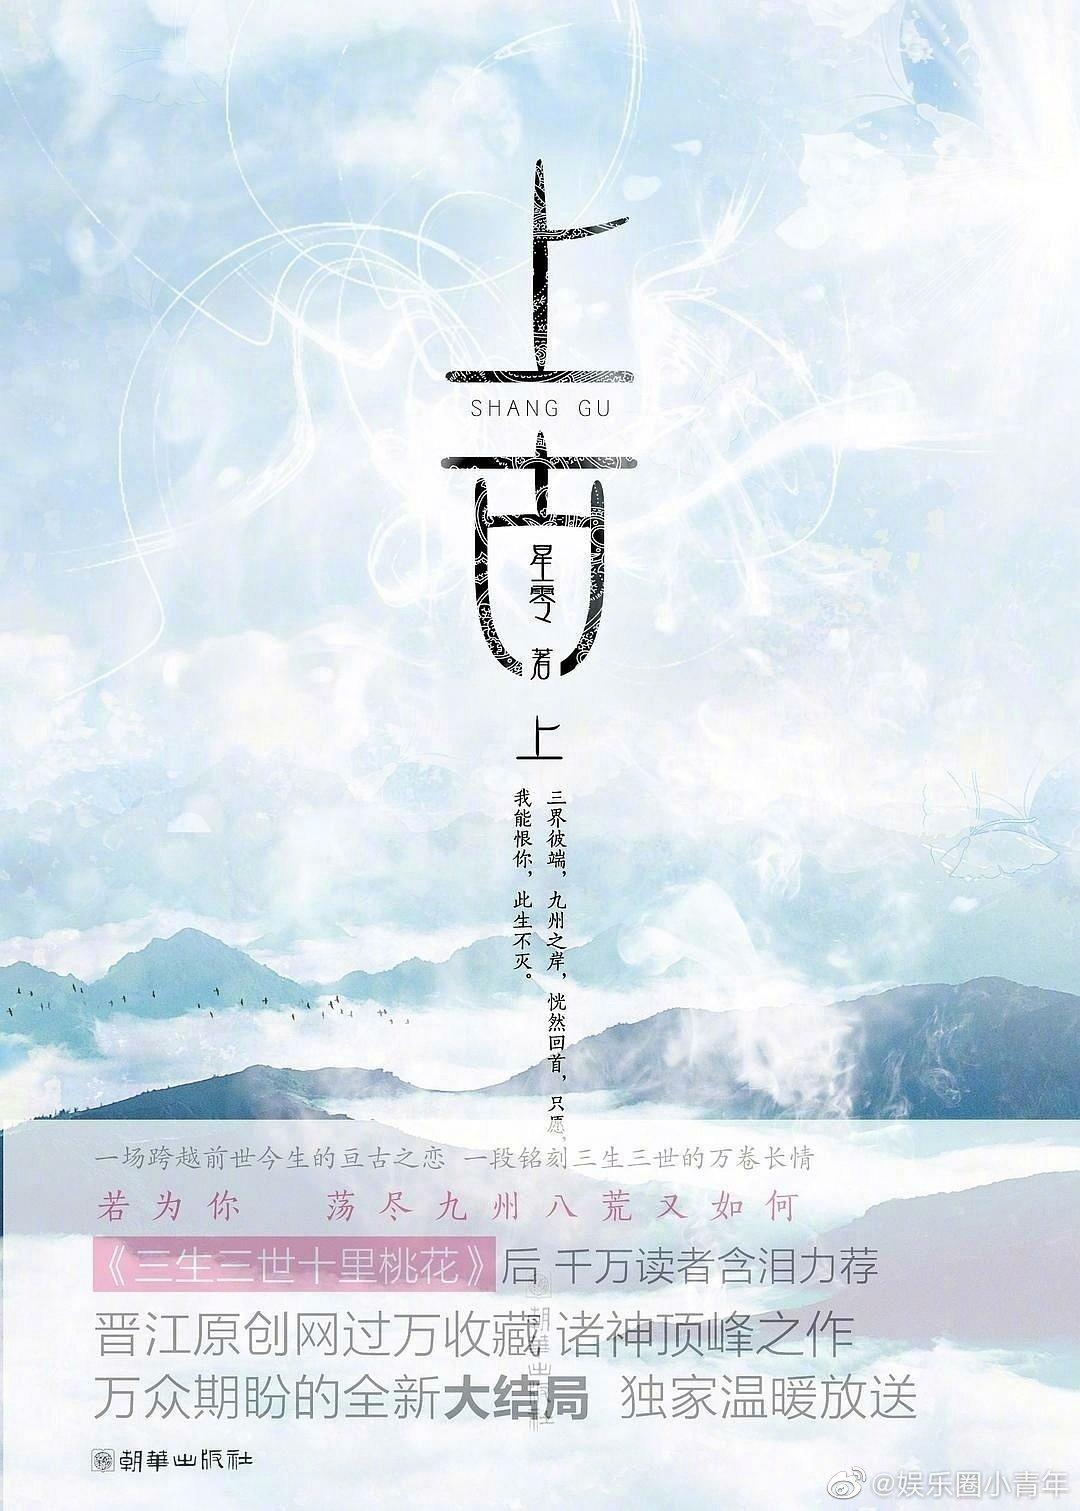 网曝周冬雨、许凯出演《上古》同名影视剧